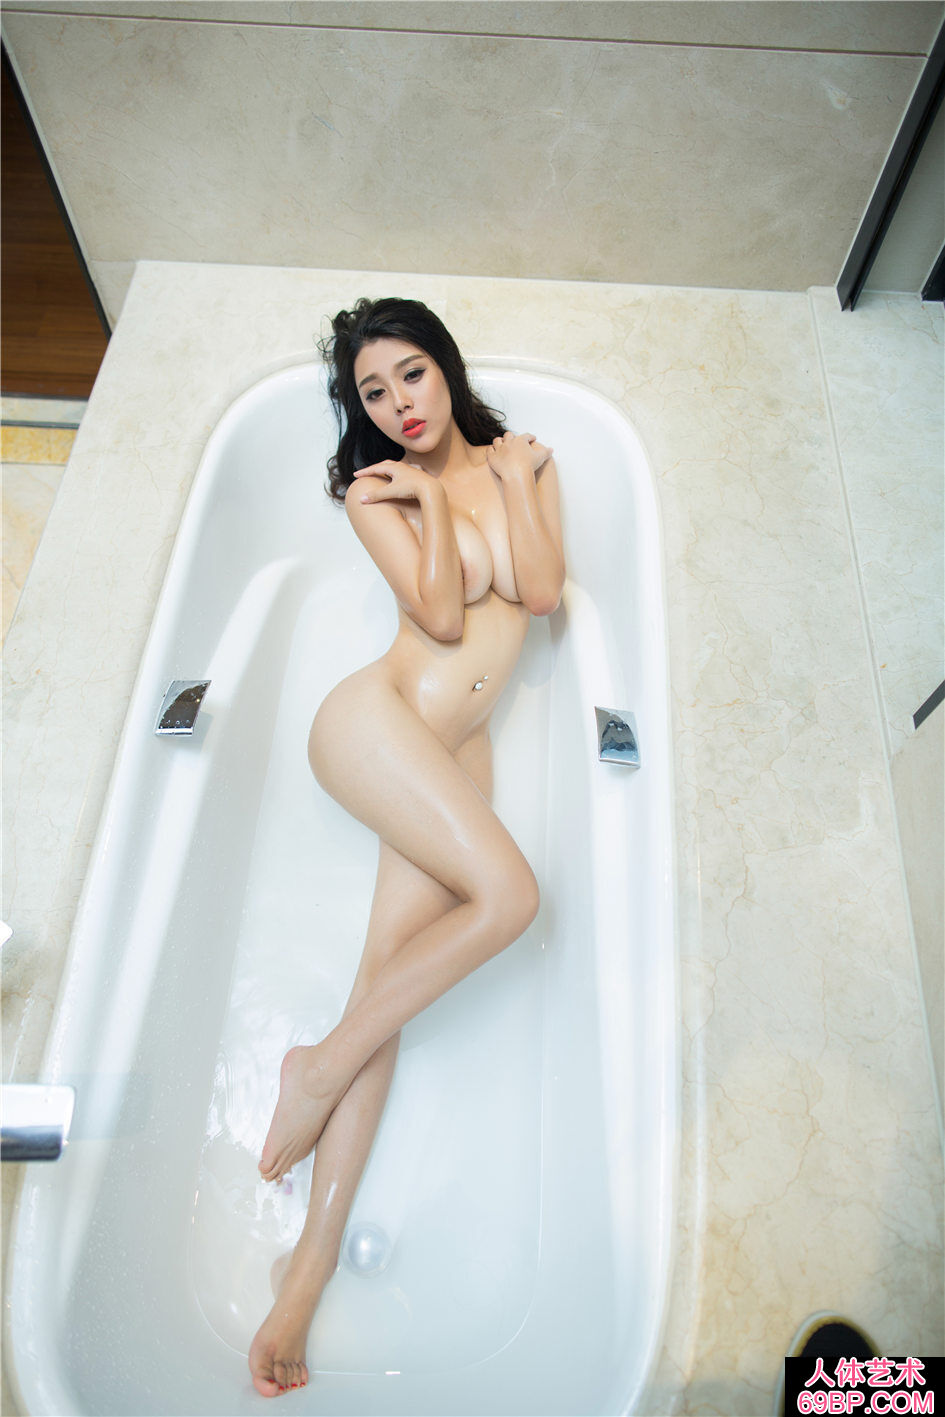 身材很棒的大学生浴室湿身人体图片